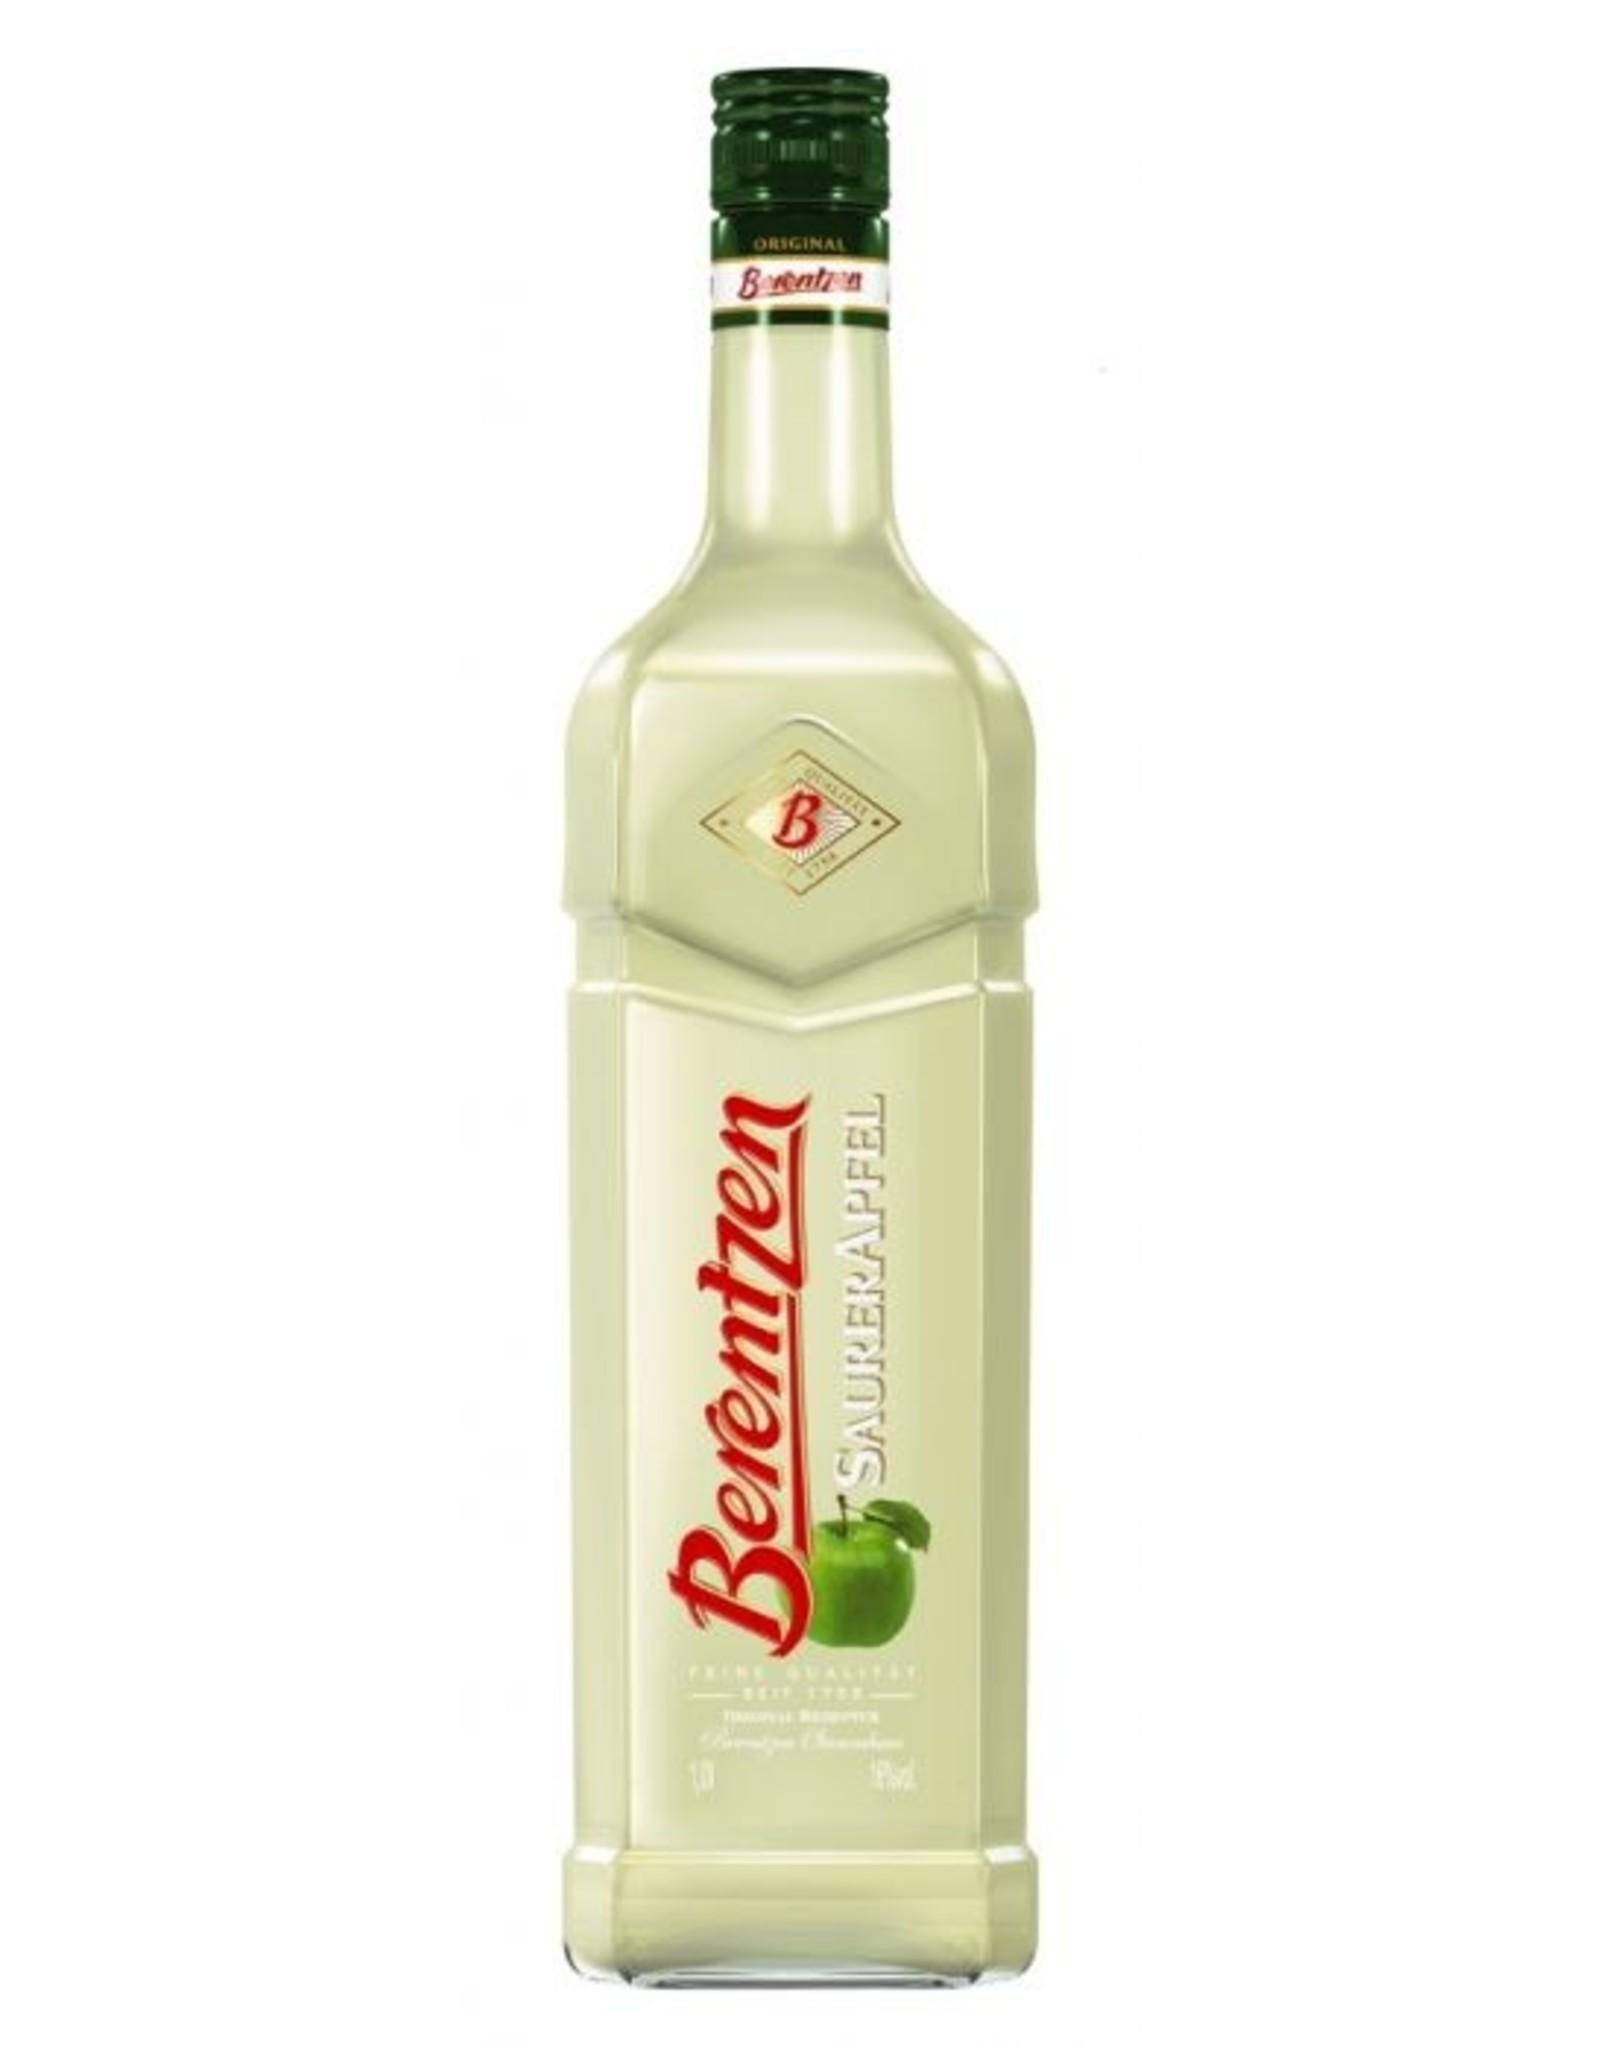 Berentzen Berentzen Sauer Apfel 70cl